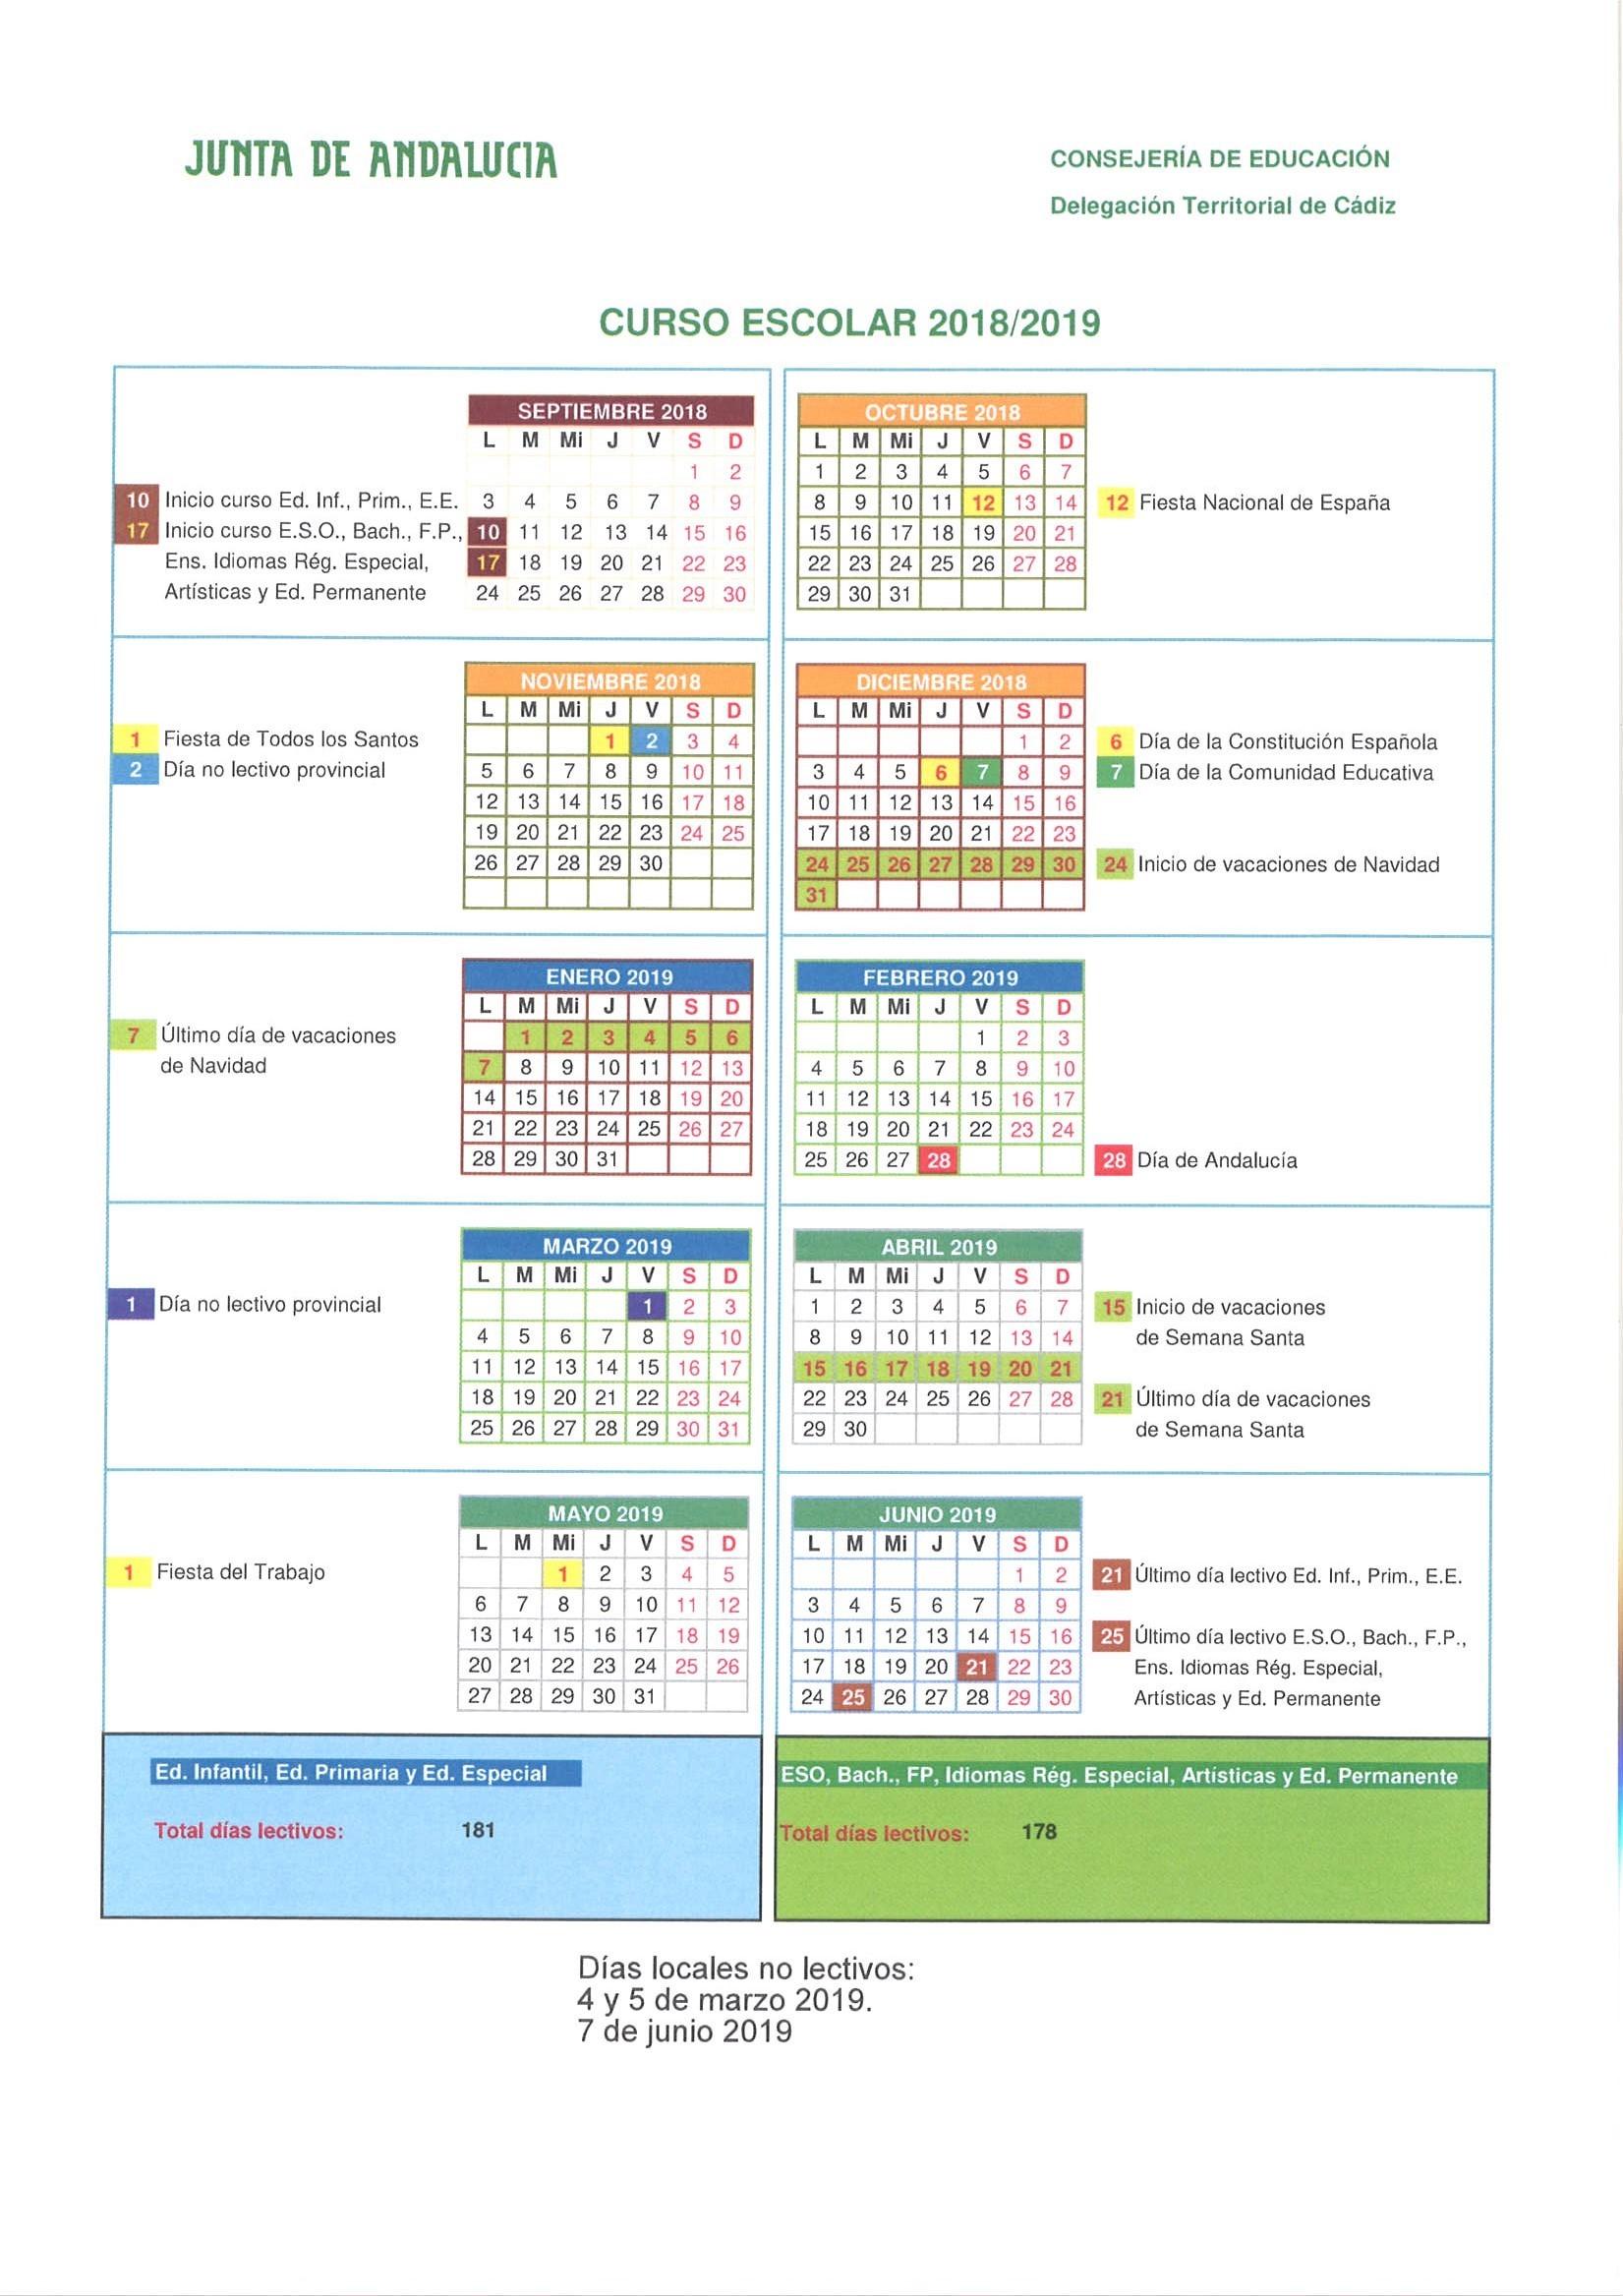 Inicio Calendario Escolar 2019 Mejores Y Más Novedosos Calendario Escolar Of Inicio Calendario Escolar 2019 Mejores Y Más Novedosos El Centro Alojaweb